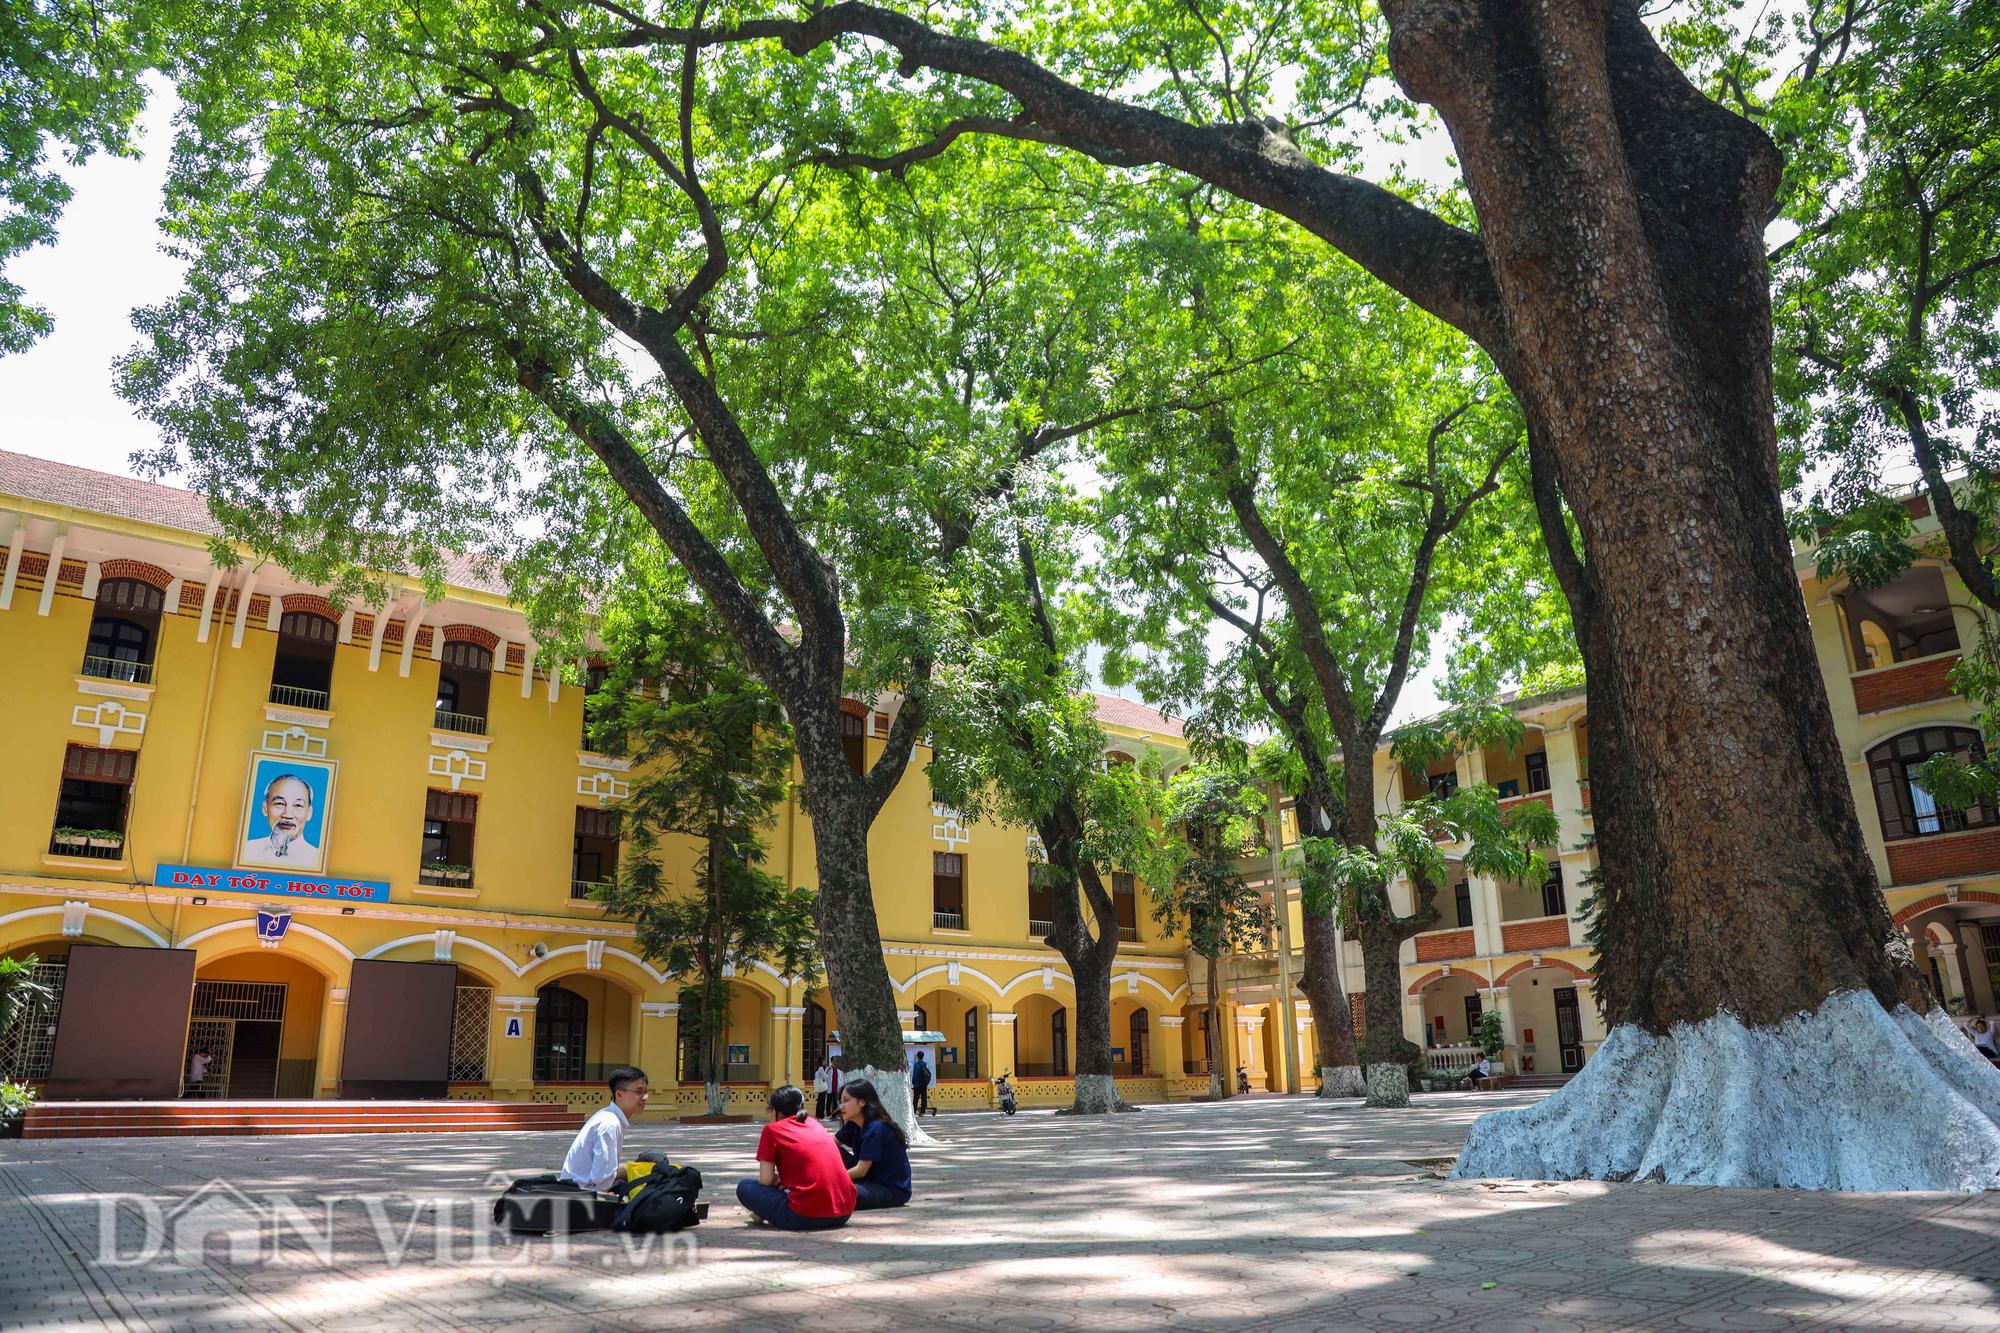 Học sinh Hà Nội không hề lo sợ dù ngồi giữa sân trường đầy cây cổ thụ - Ảnh 9.